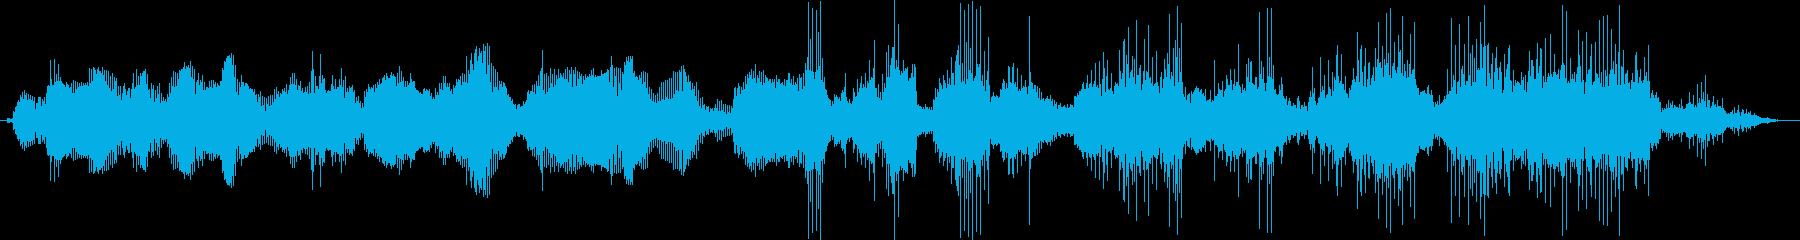 音調のエレクトロボイスコミュニケーションの再生済みの波形